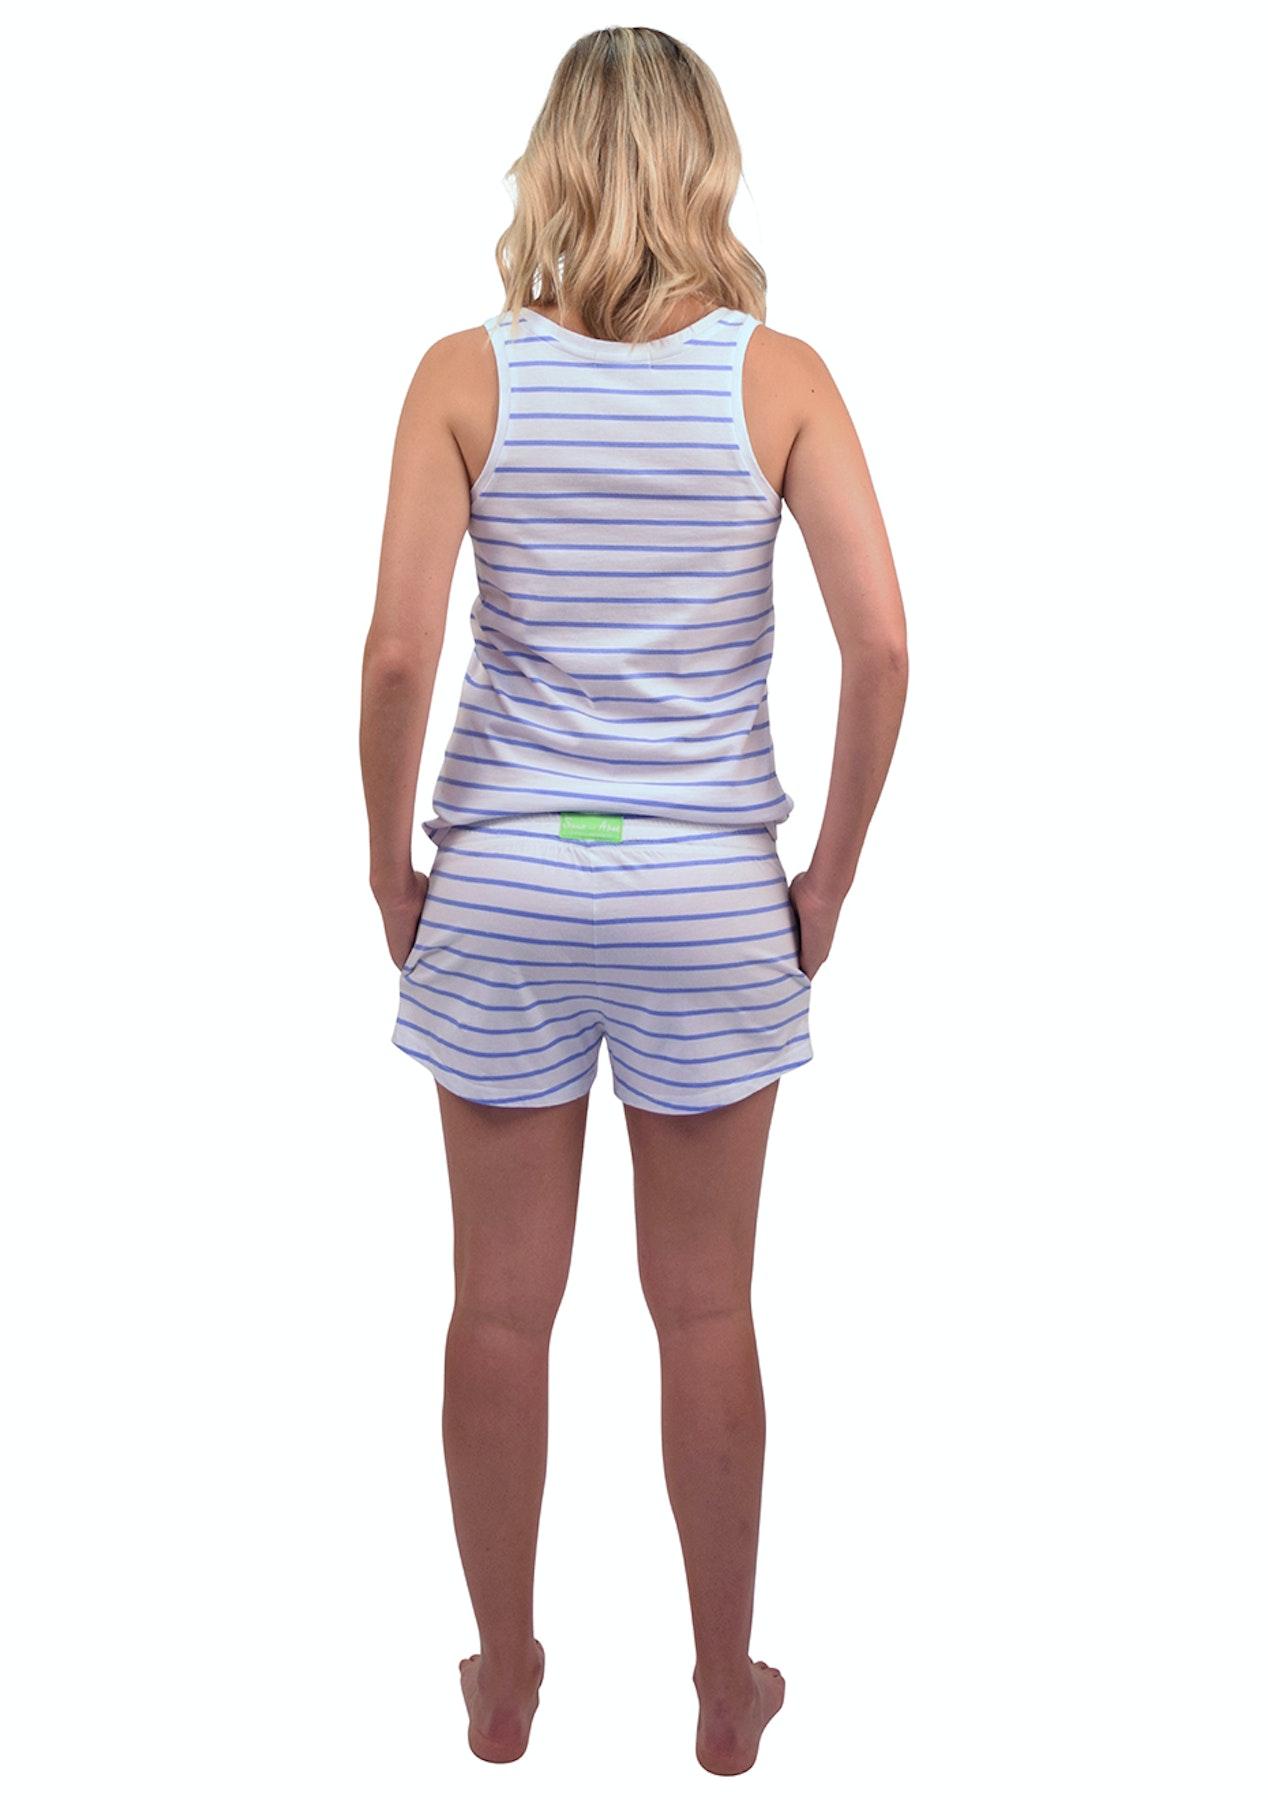 434407daf4c0 Sant   Abel - Women - Tank   Jersey Tops - Blue Zebra - Luxe Silk    Sleepwear - Onceit